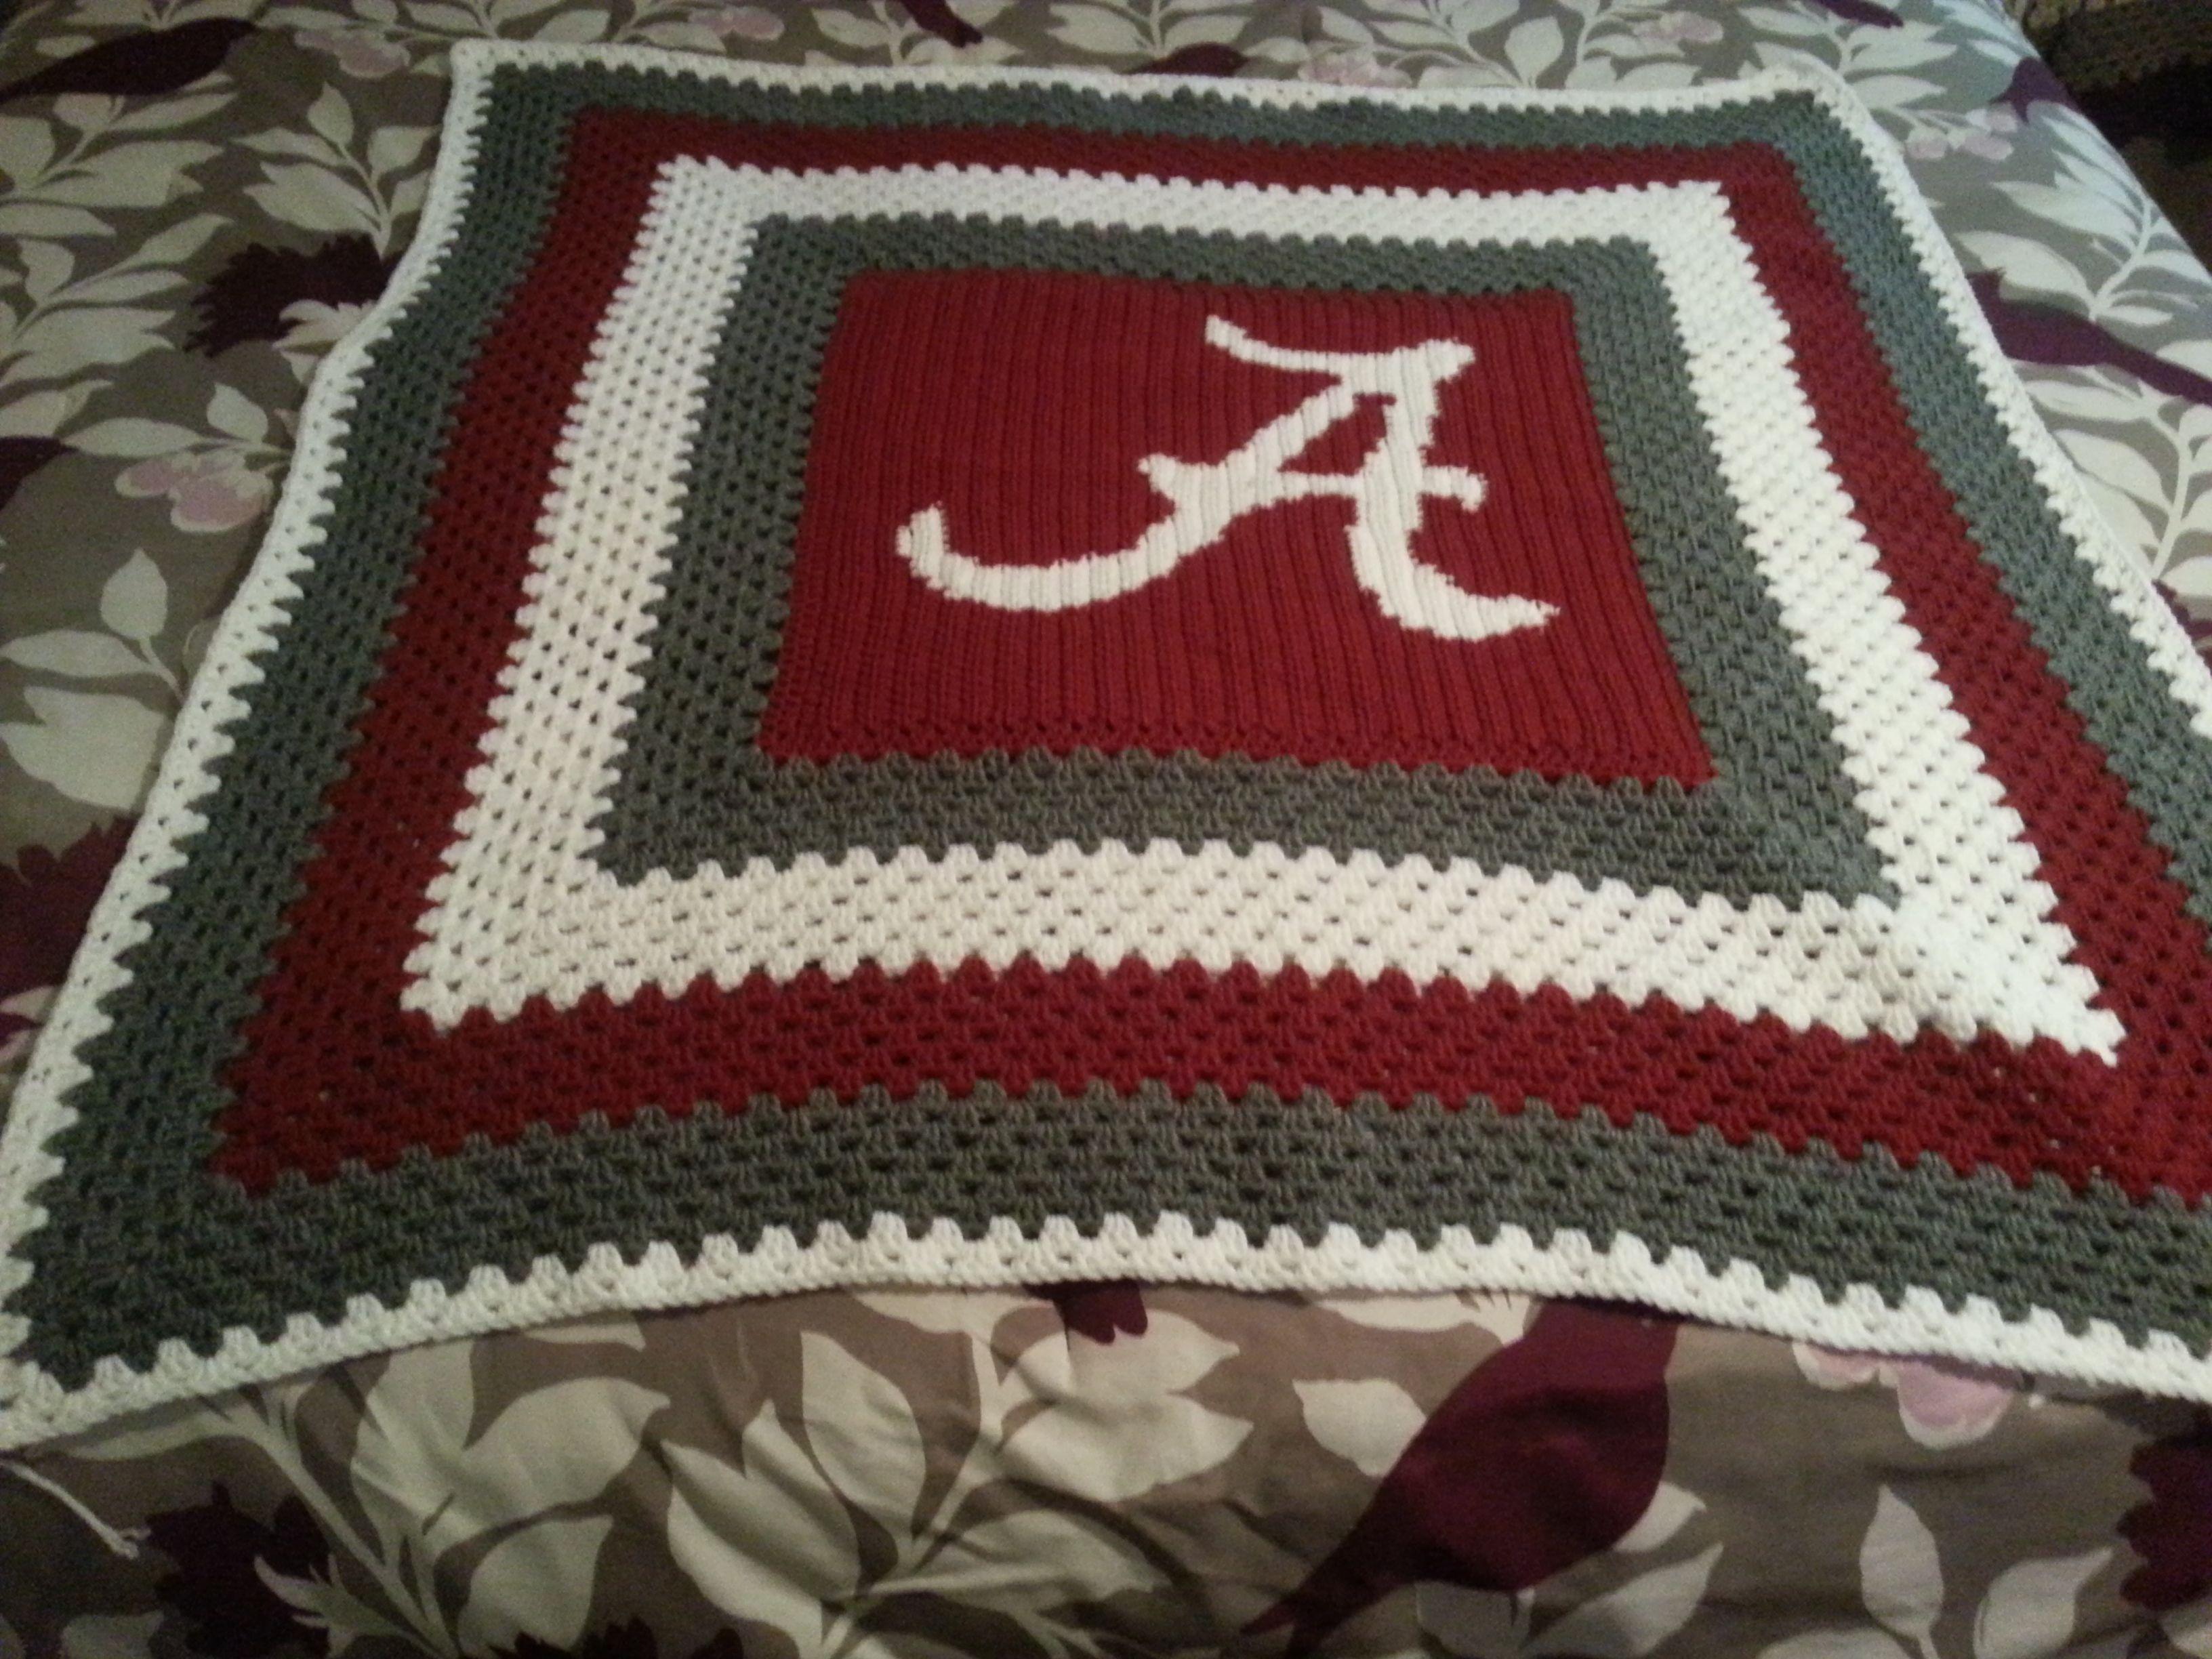 Alabama Crimson Tide   Alabama Crimson Tide   Pinterest   Alabama ...